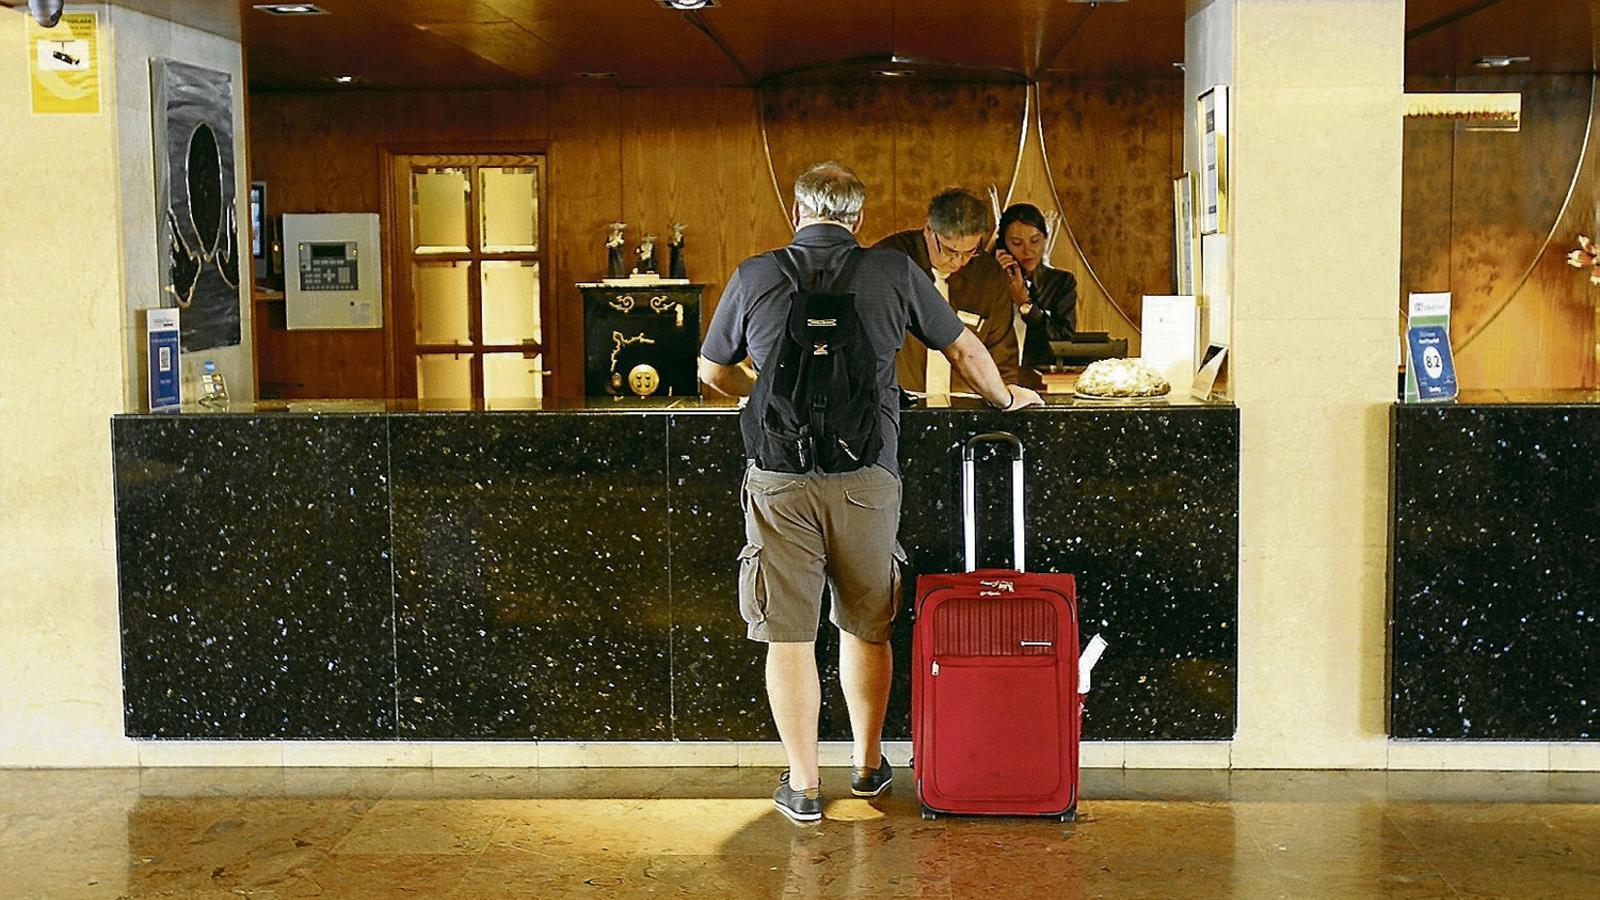 Els hotels s'han acostumat a una major rotació dels seus clients, que fan estades més curtes.